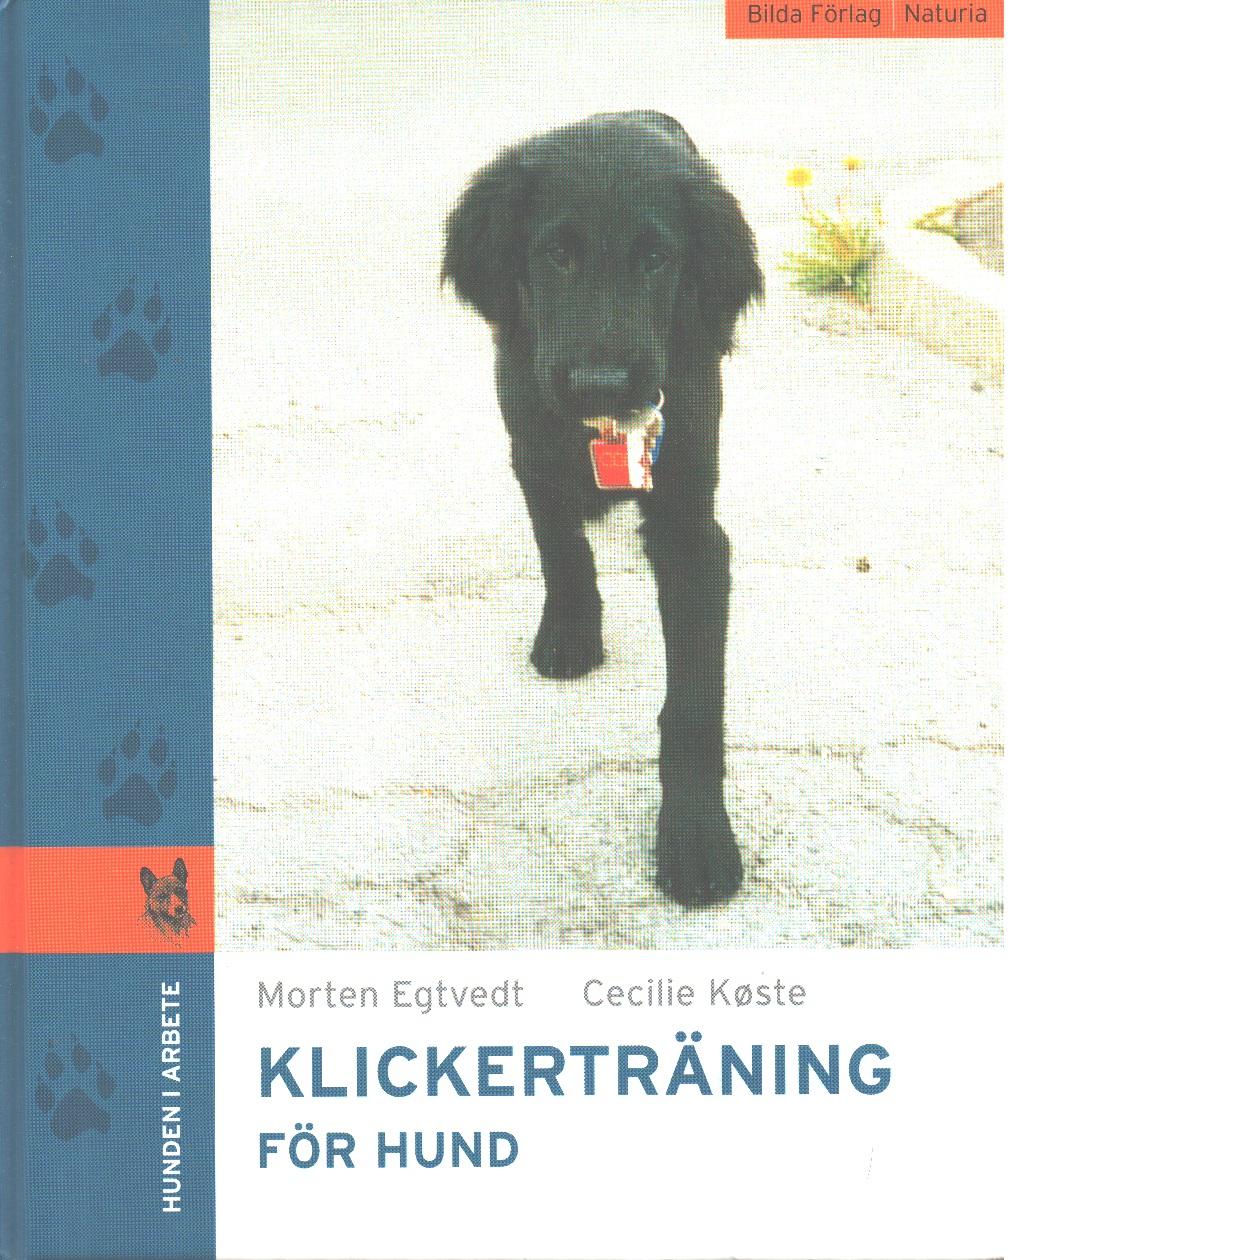 Klickerträning - Egtvedt, Morten  och Køste, Cecilie